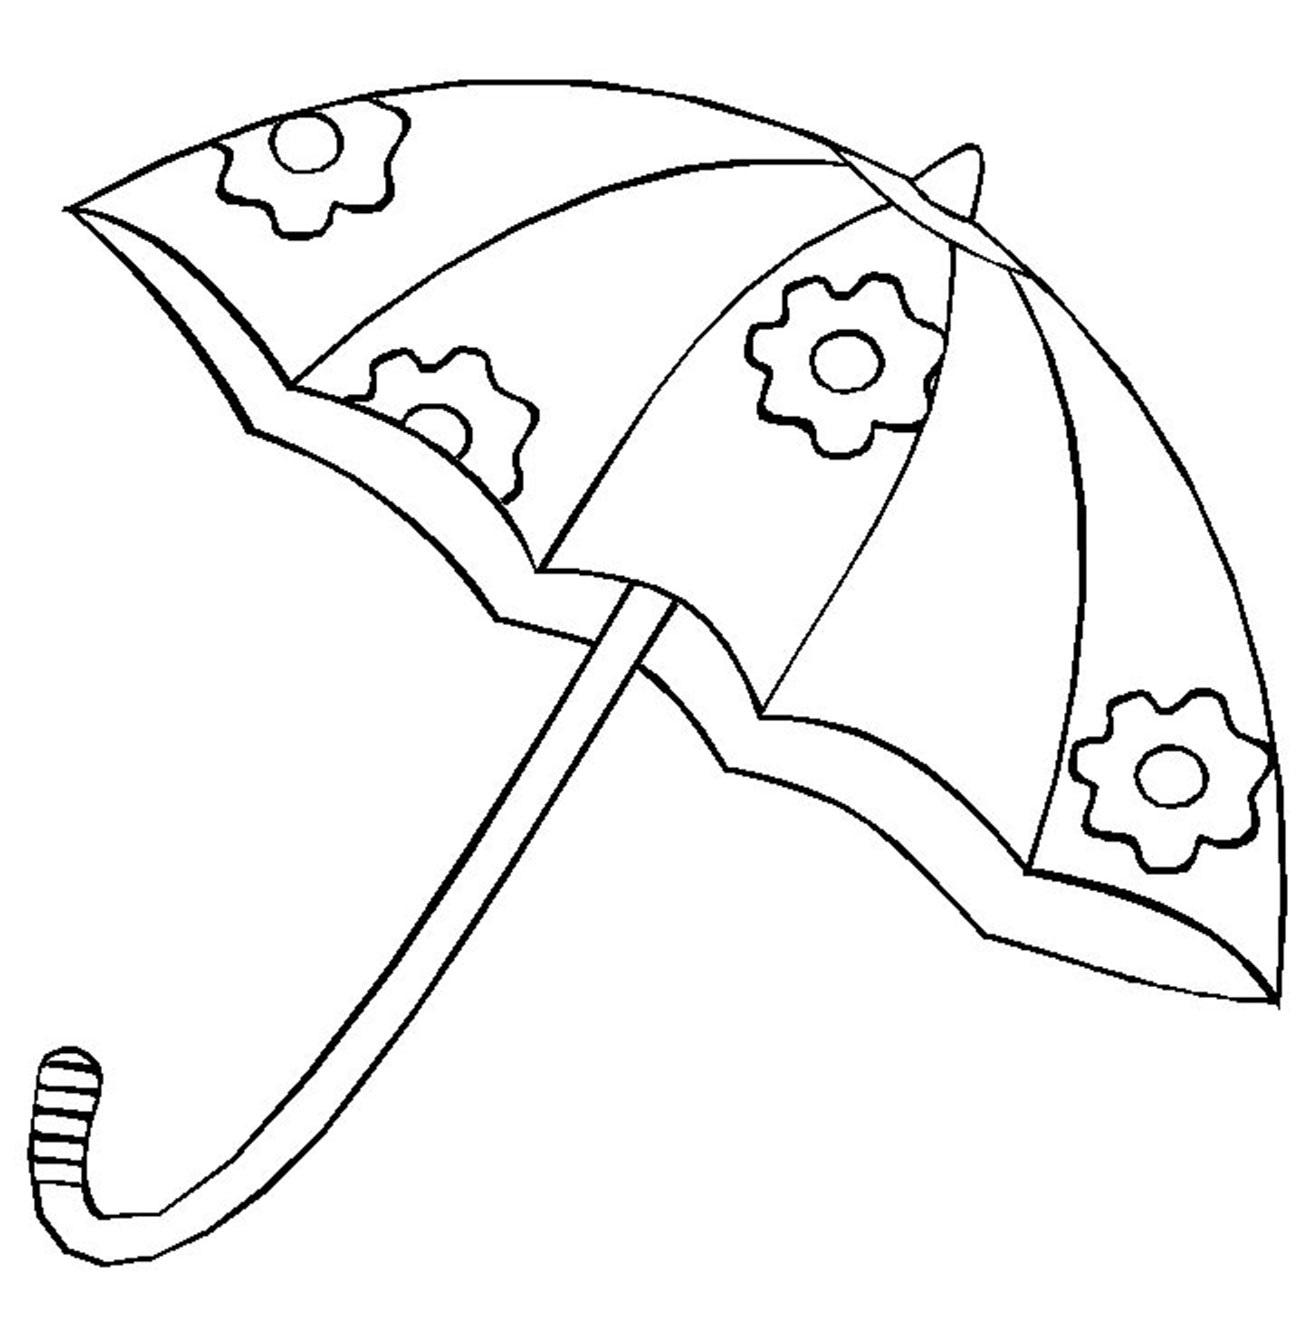 Зонт с цветочками Раскраски цветы для девочек